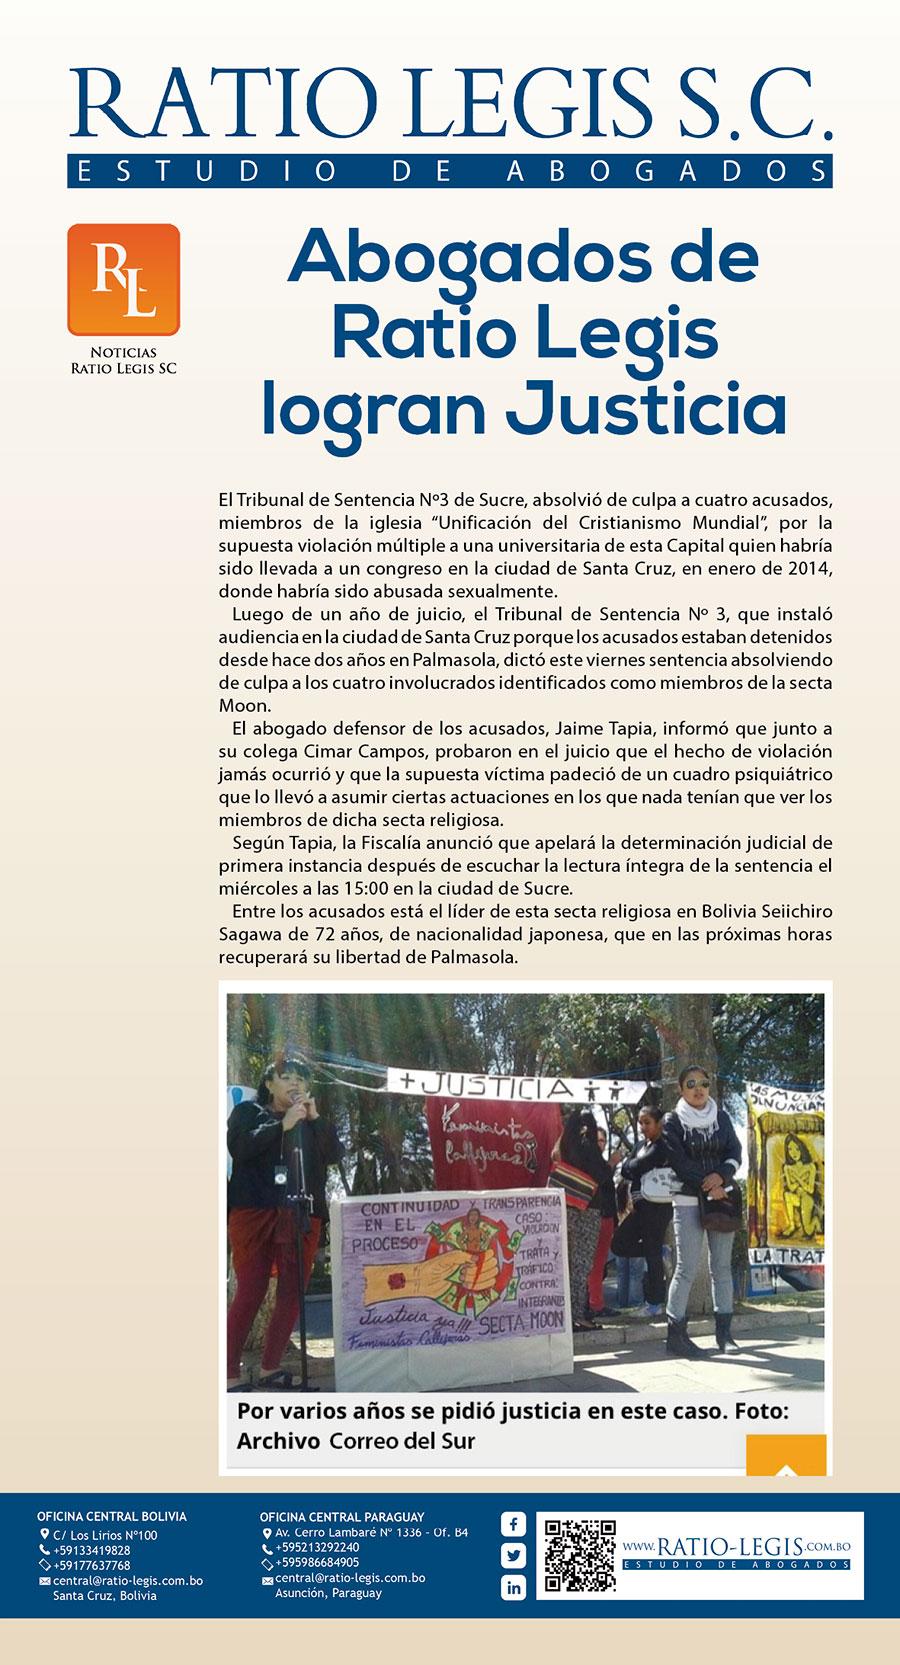 (Español) Abogados de Ratio Legis logran Justicia